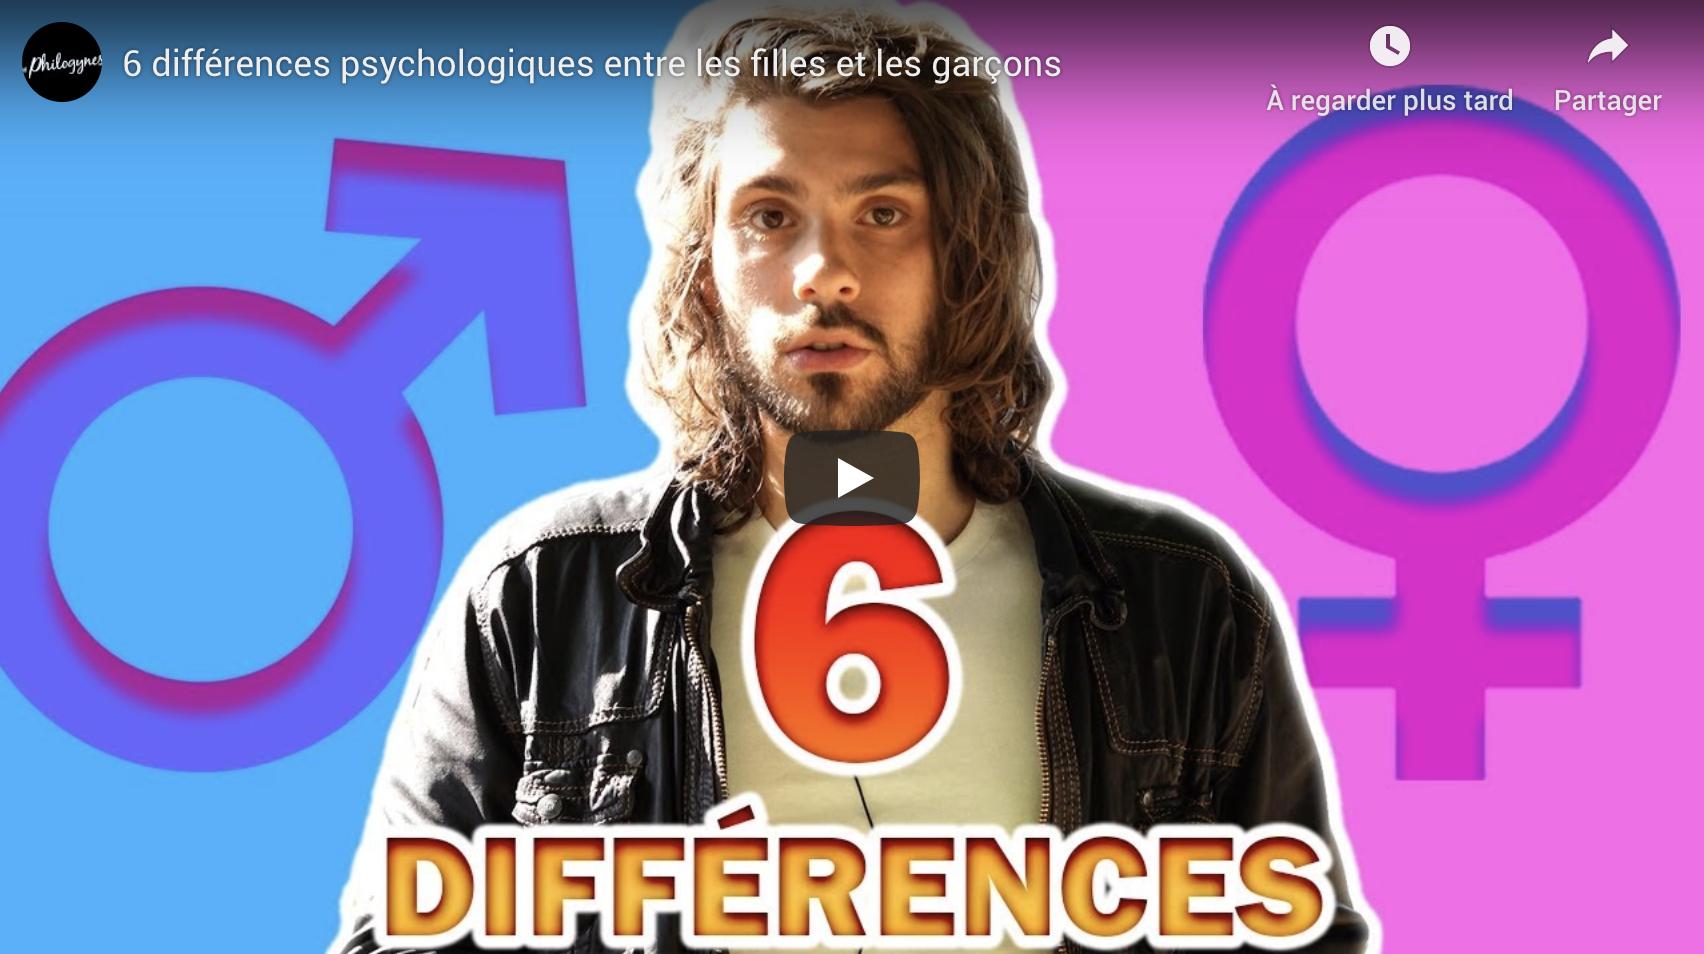 6 différences psychologiques entre les filles et les garçons (Les Philogynes)